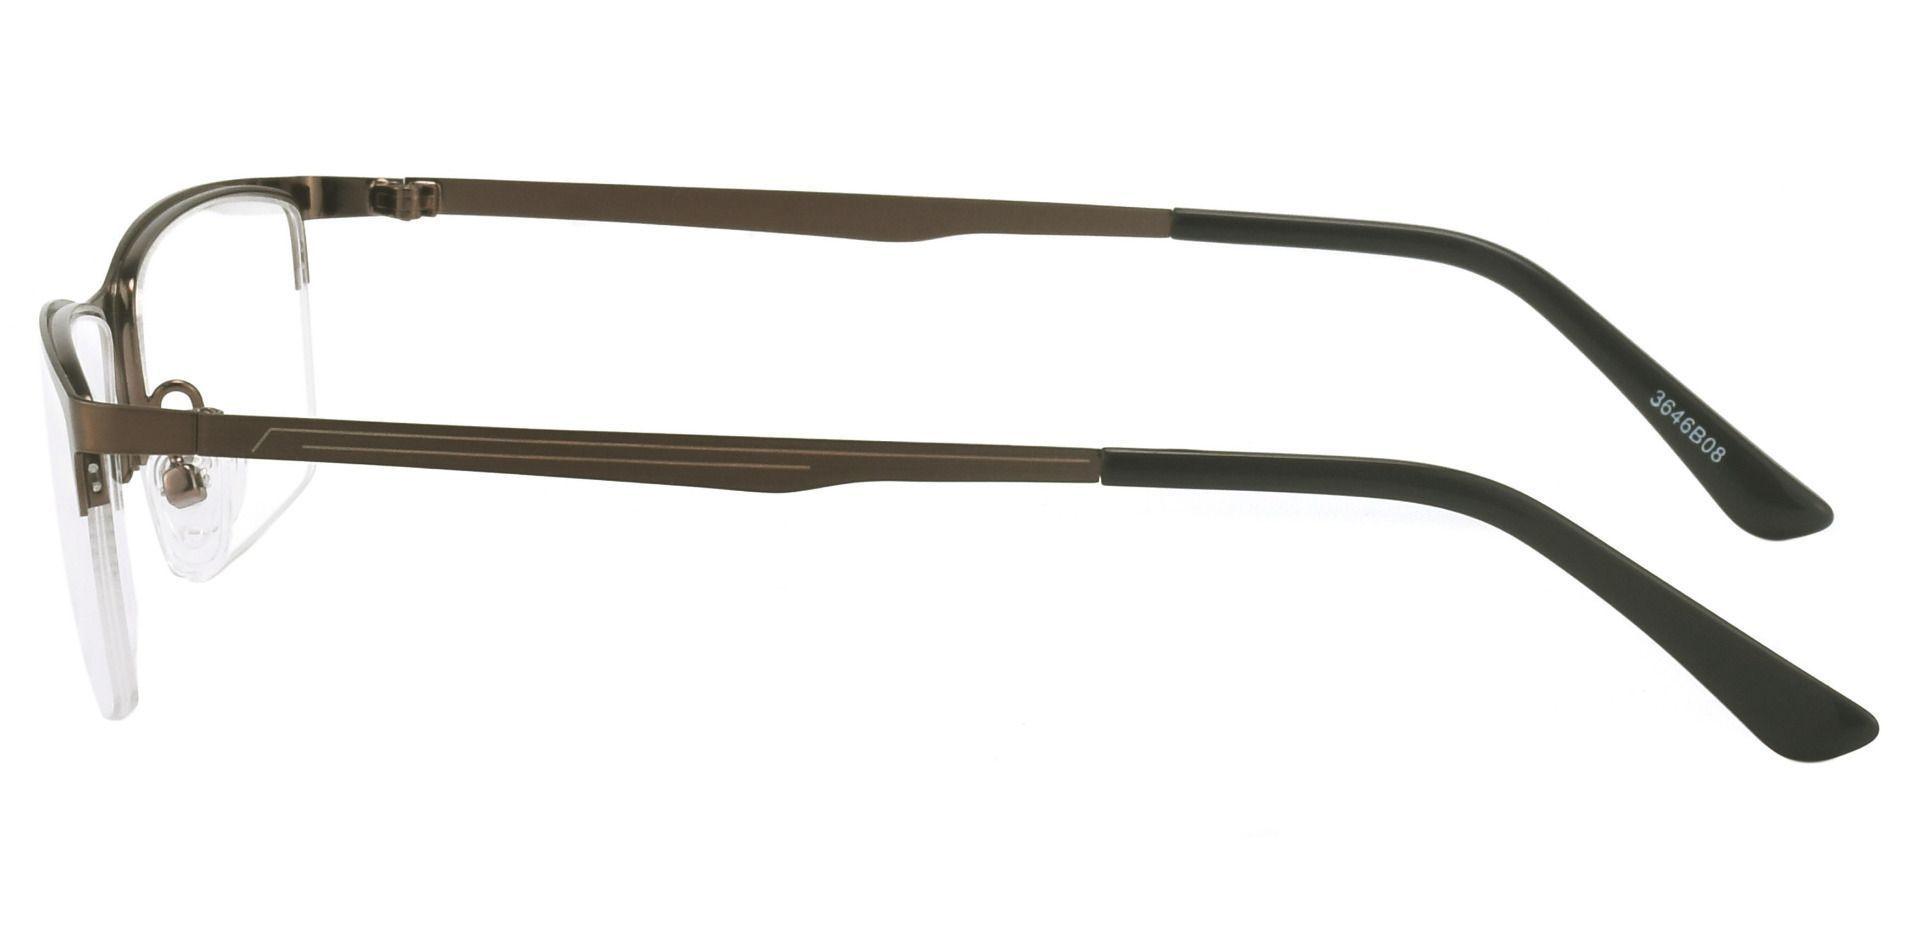 Lombard Rectangle Prescription Glasses - Brown